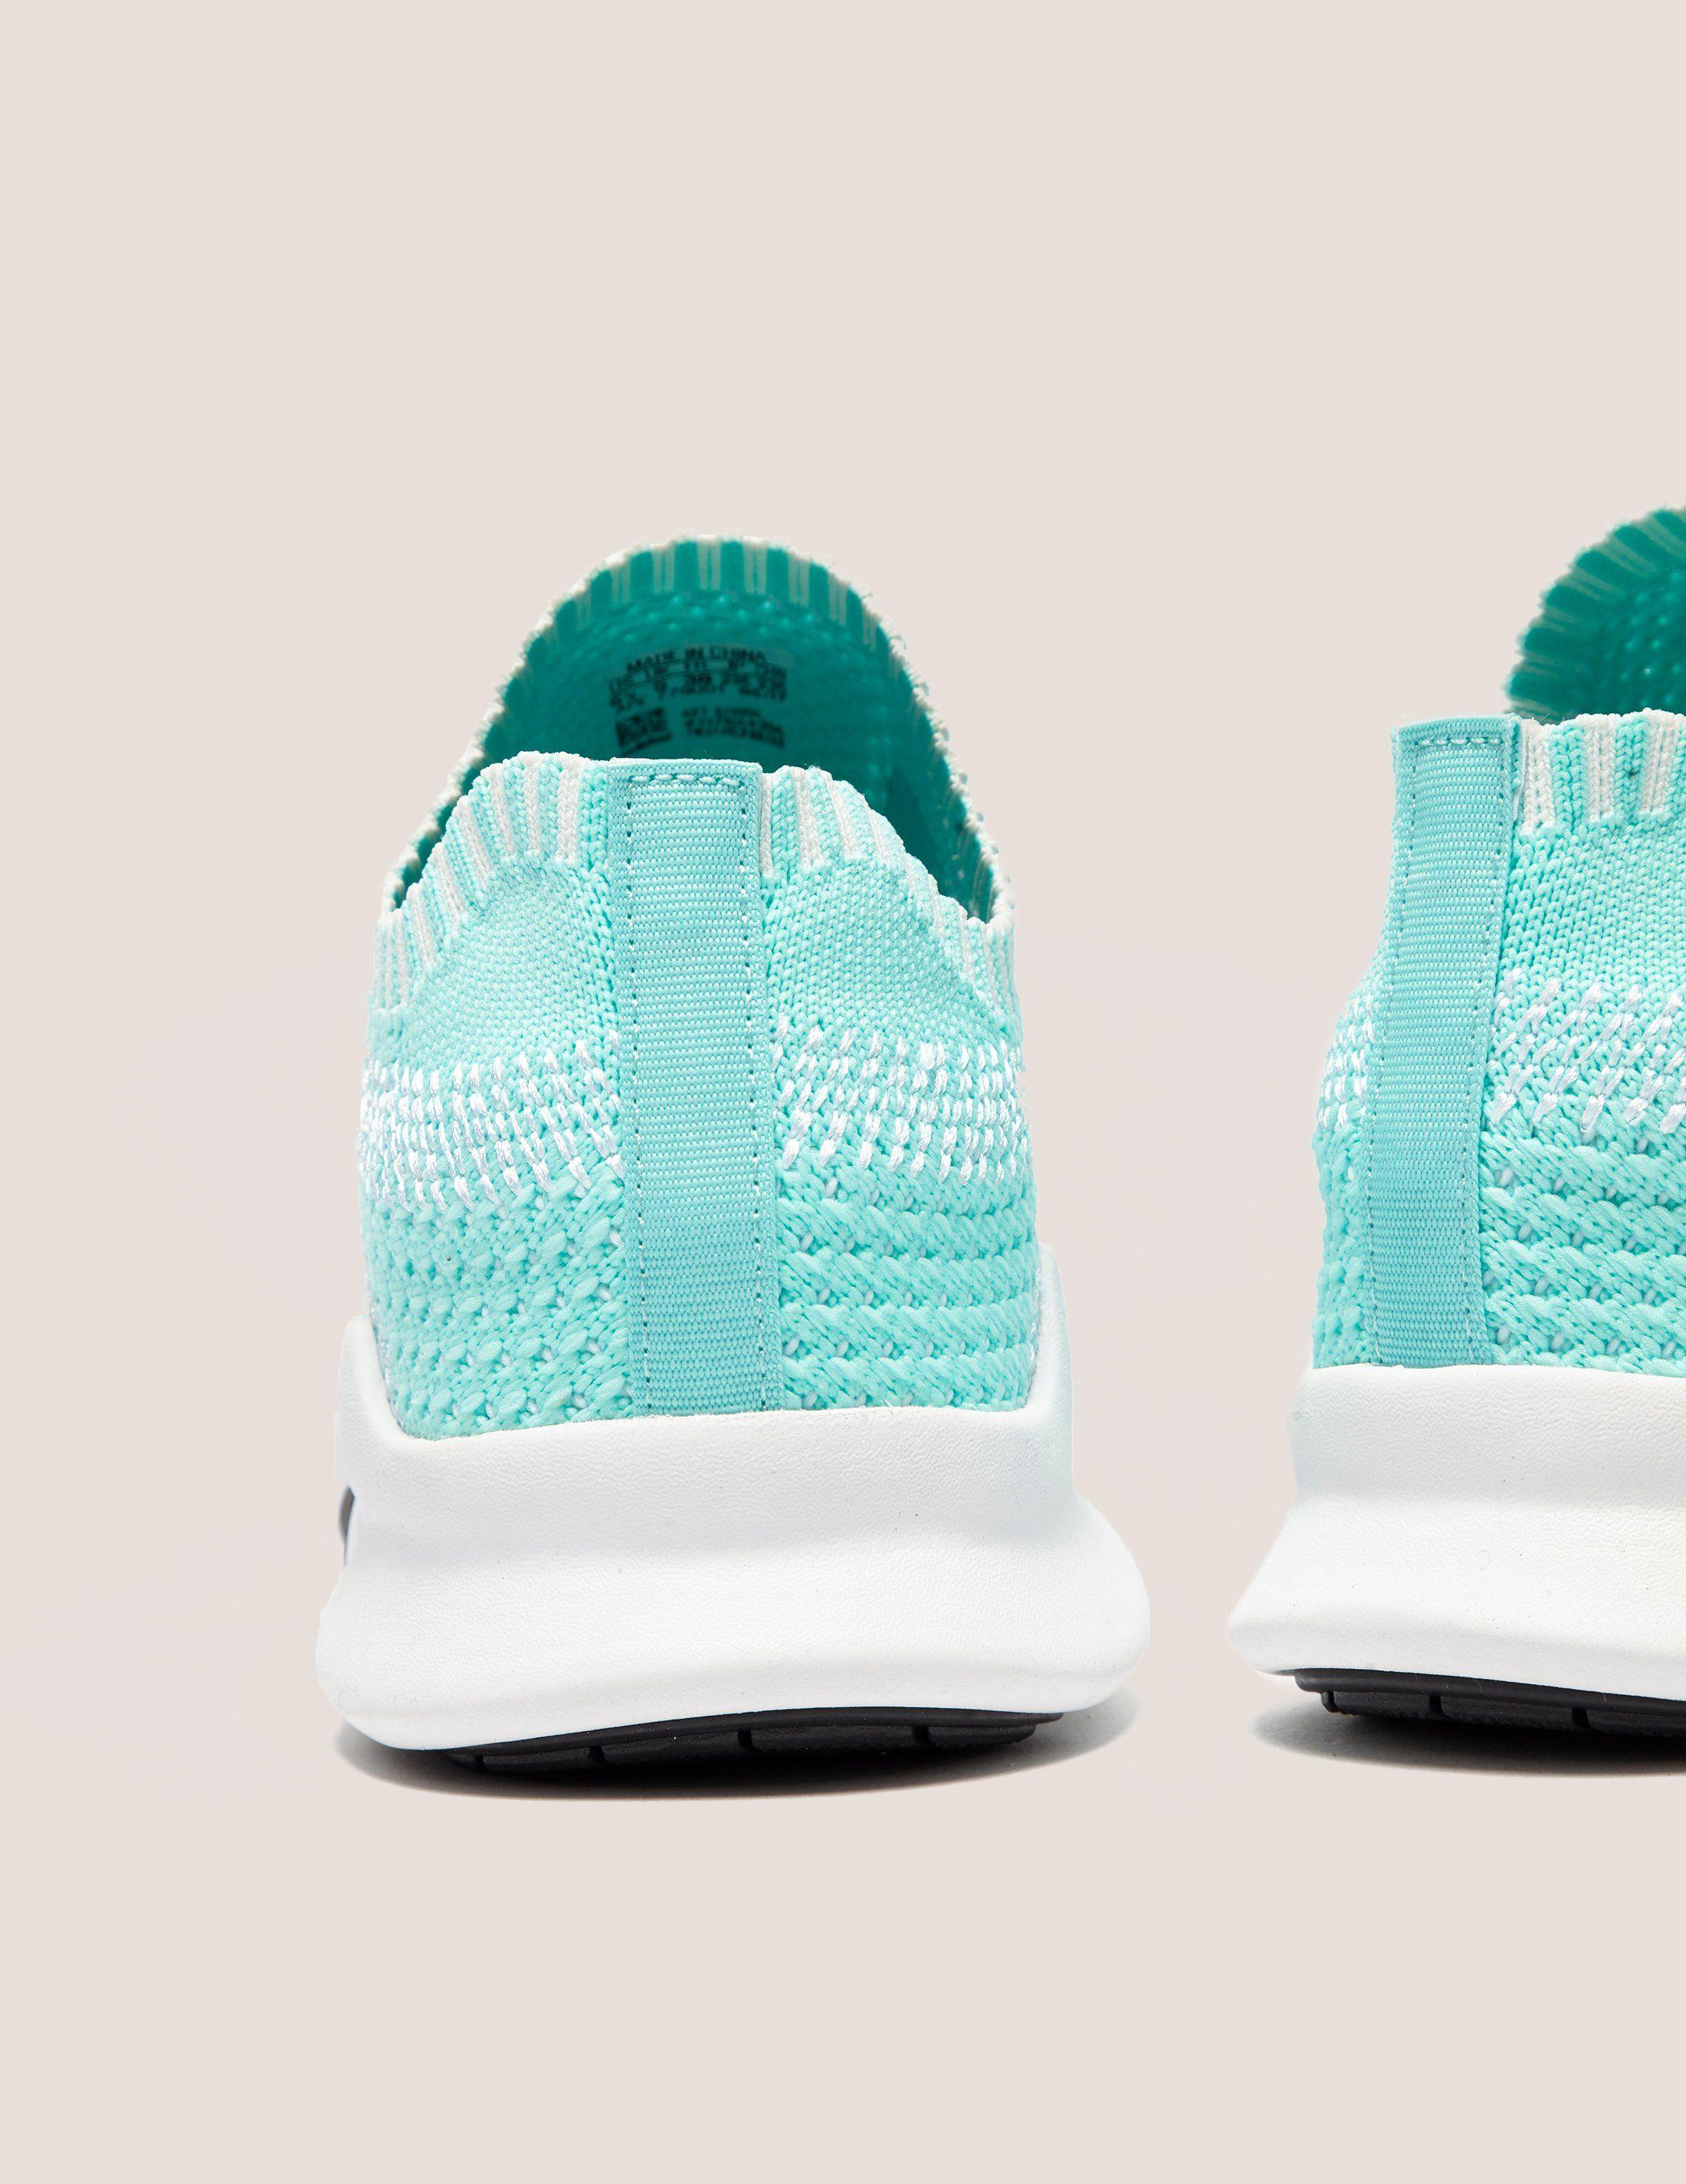 adidas Originals EQT Support ADV Women's